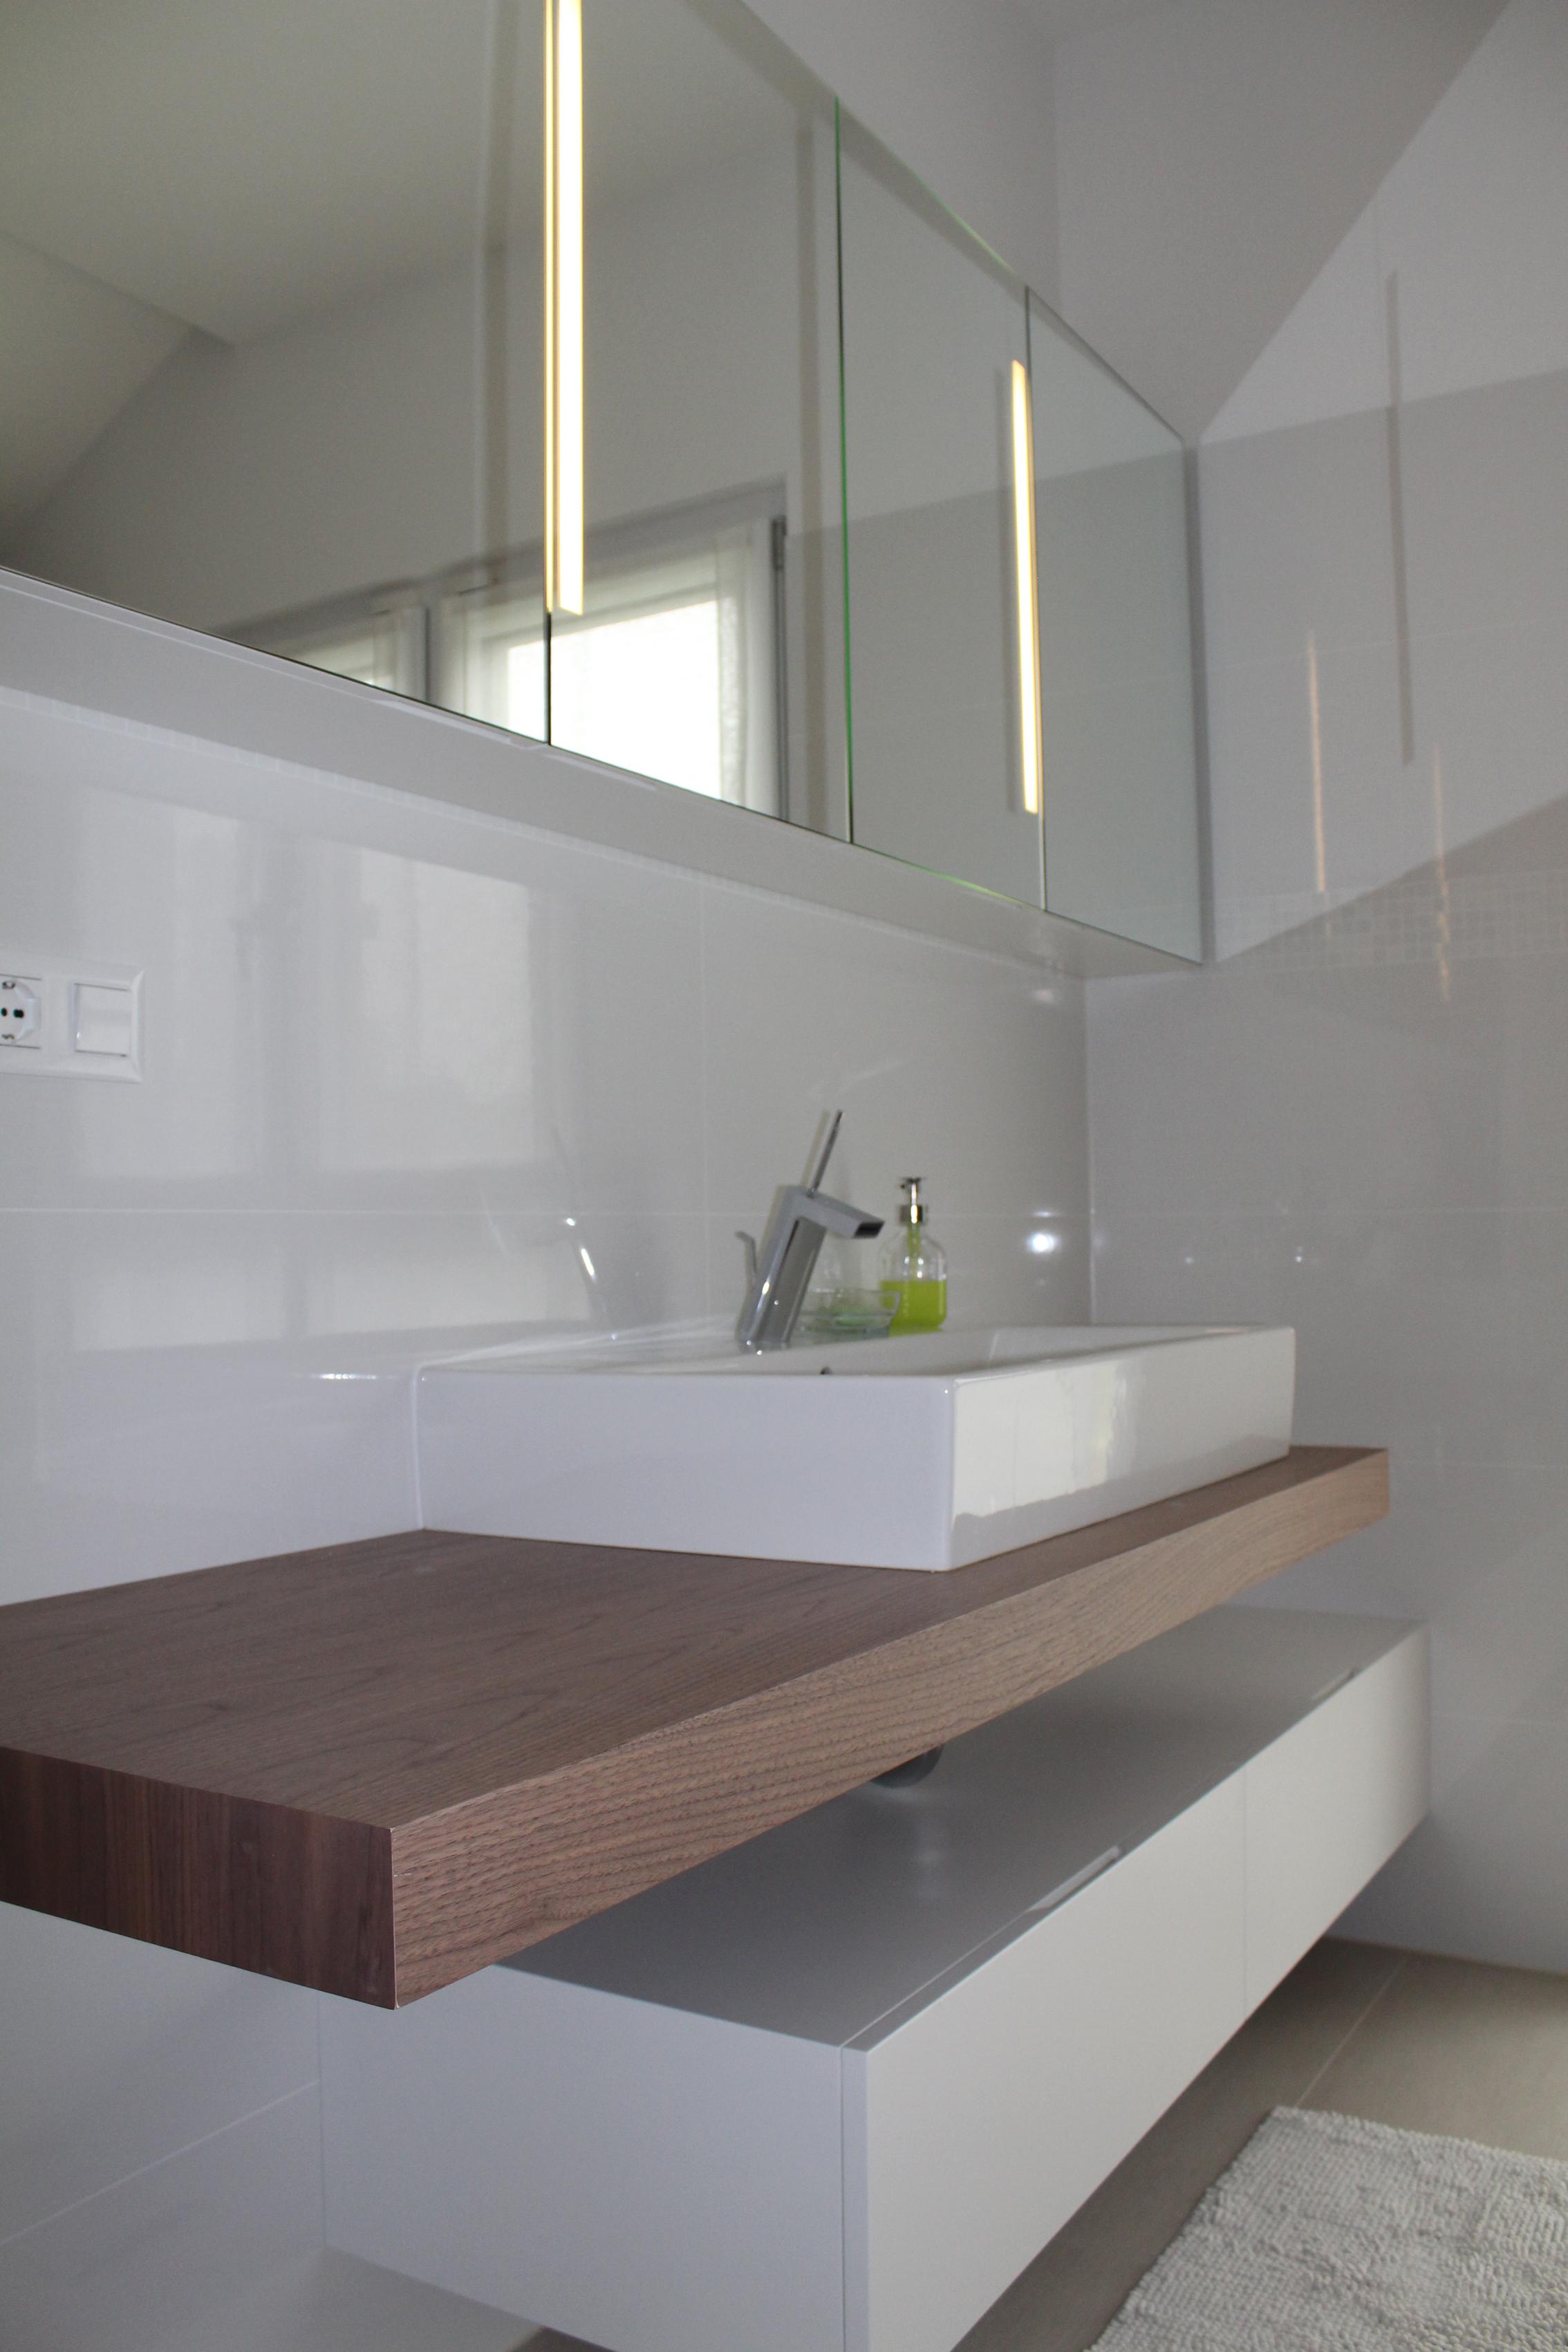 Bagno - Specchio in bagno ...